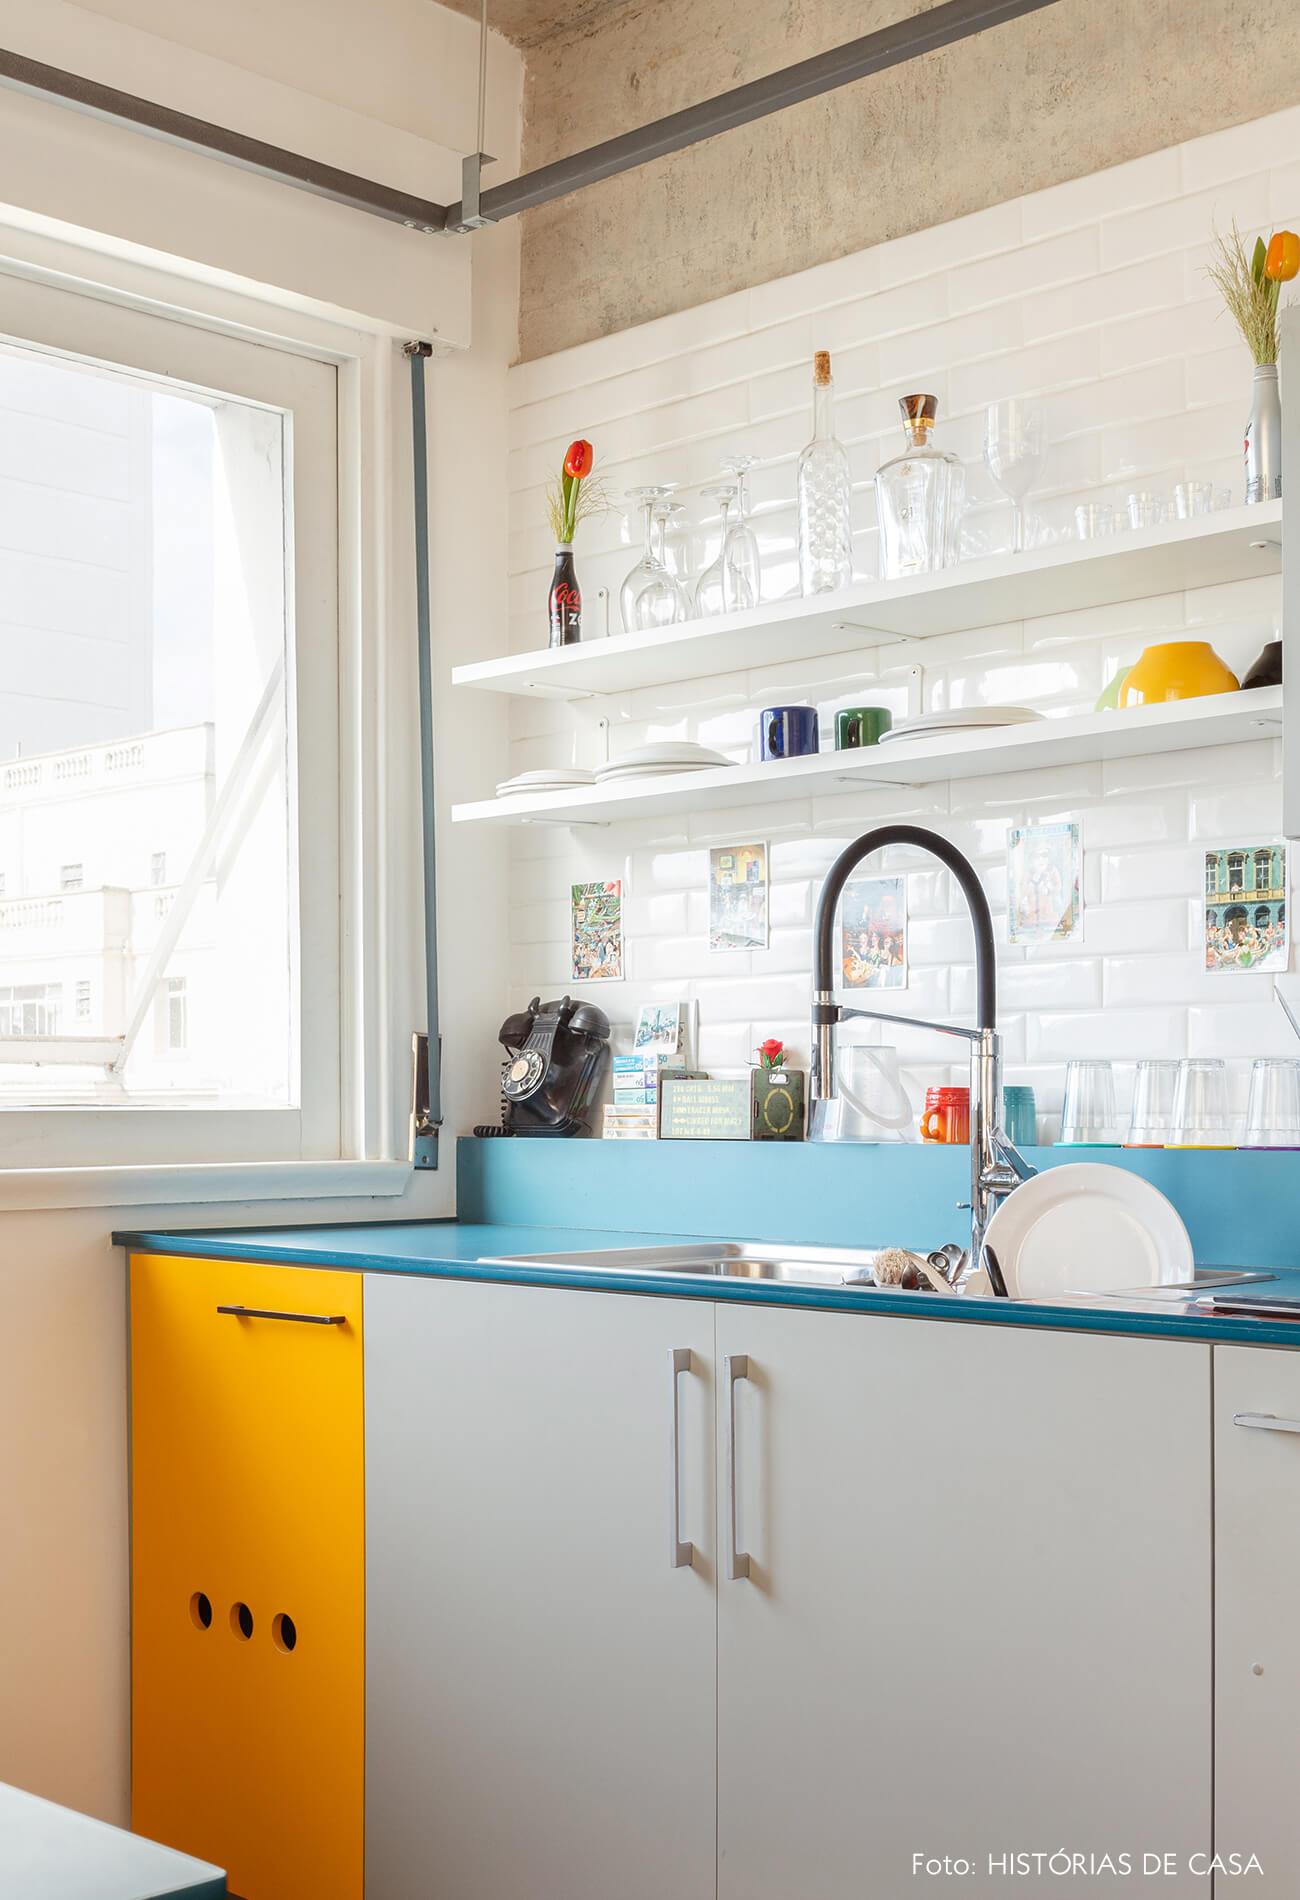 Cozinha com bancada de Formica colorida